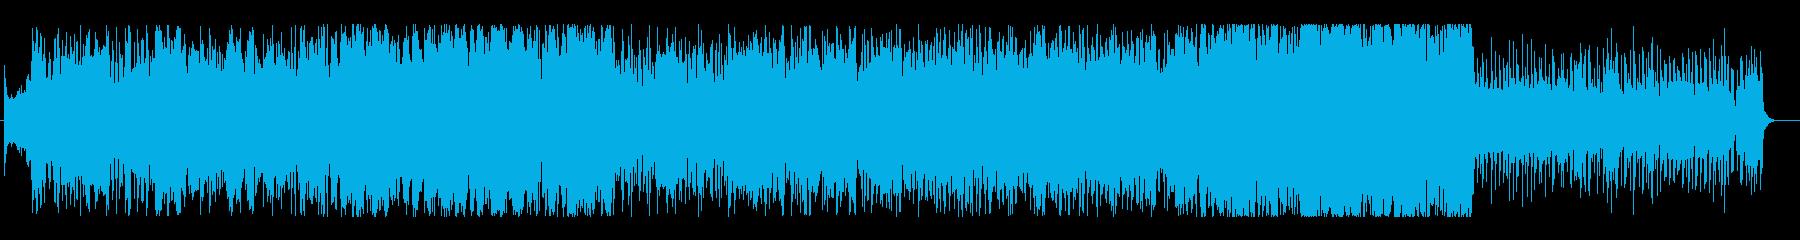 ケルトの酒場BGMの再生済みの波形